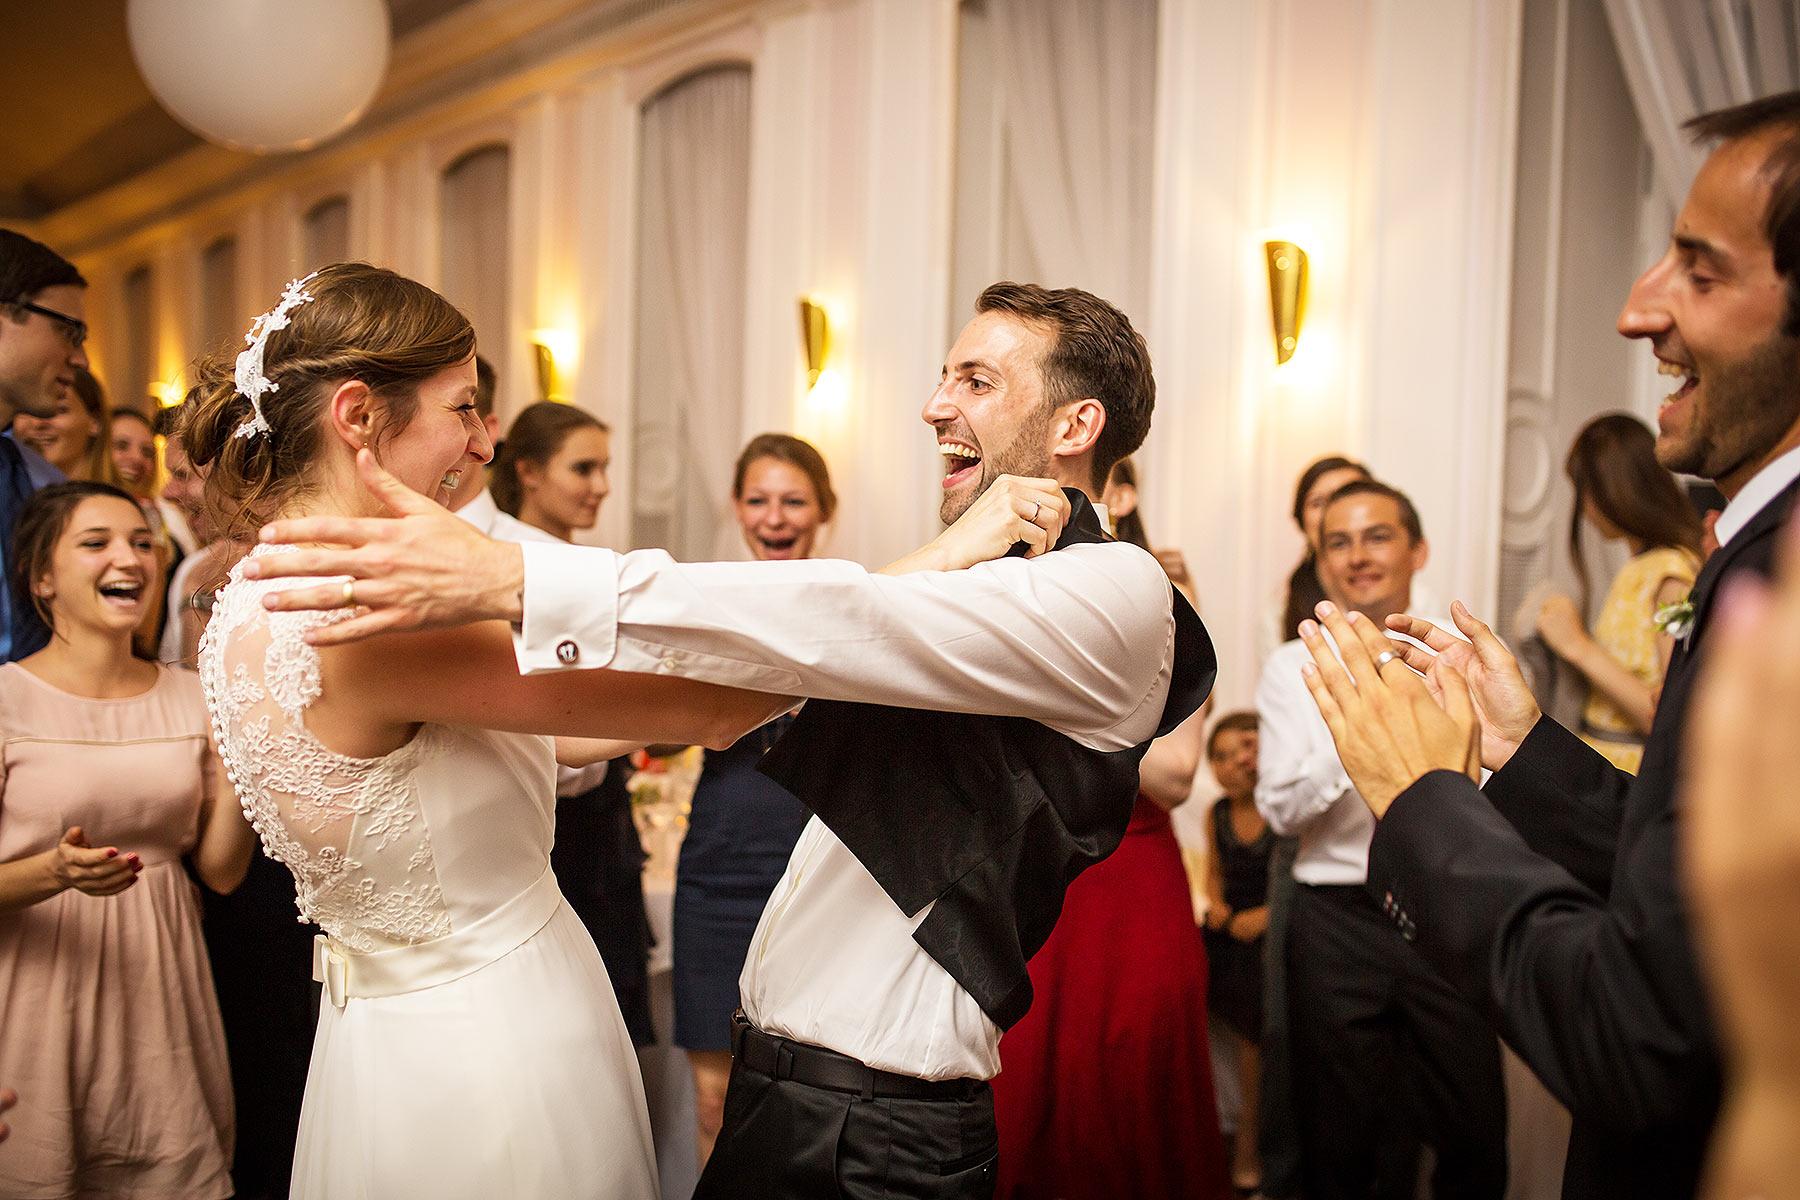 Hochzeitsreportage Berlin - Landhaus Hubertus - Hochzeitsfeier - Mike Bielski Hochzeitsfotografie